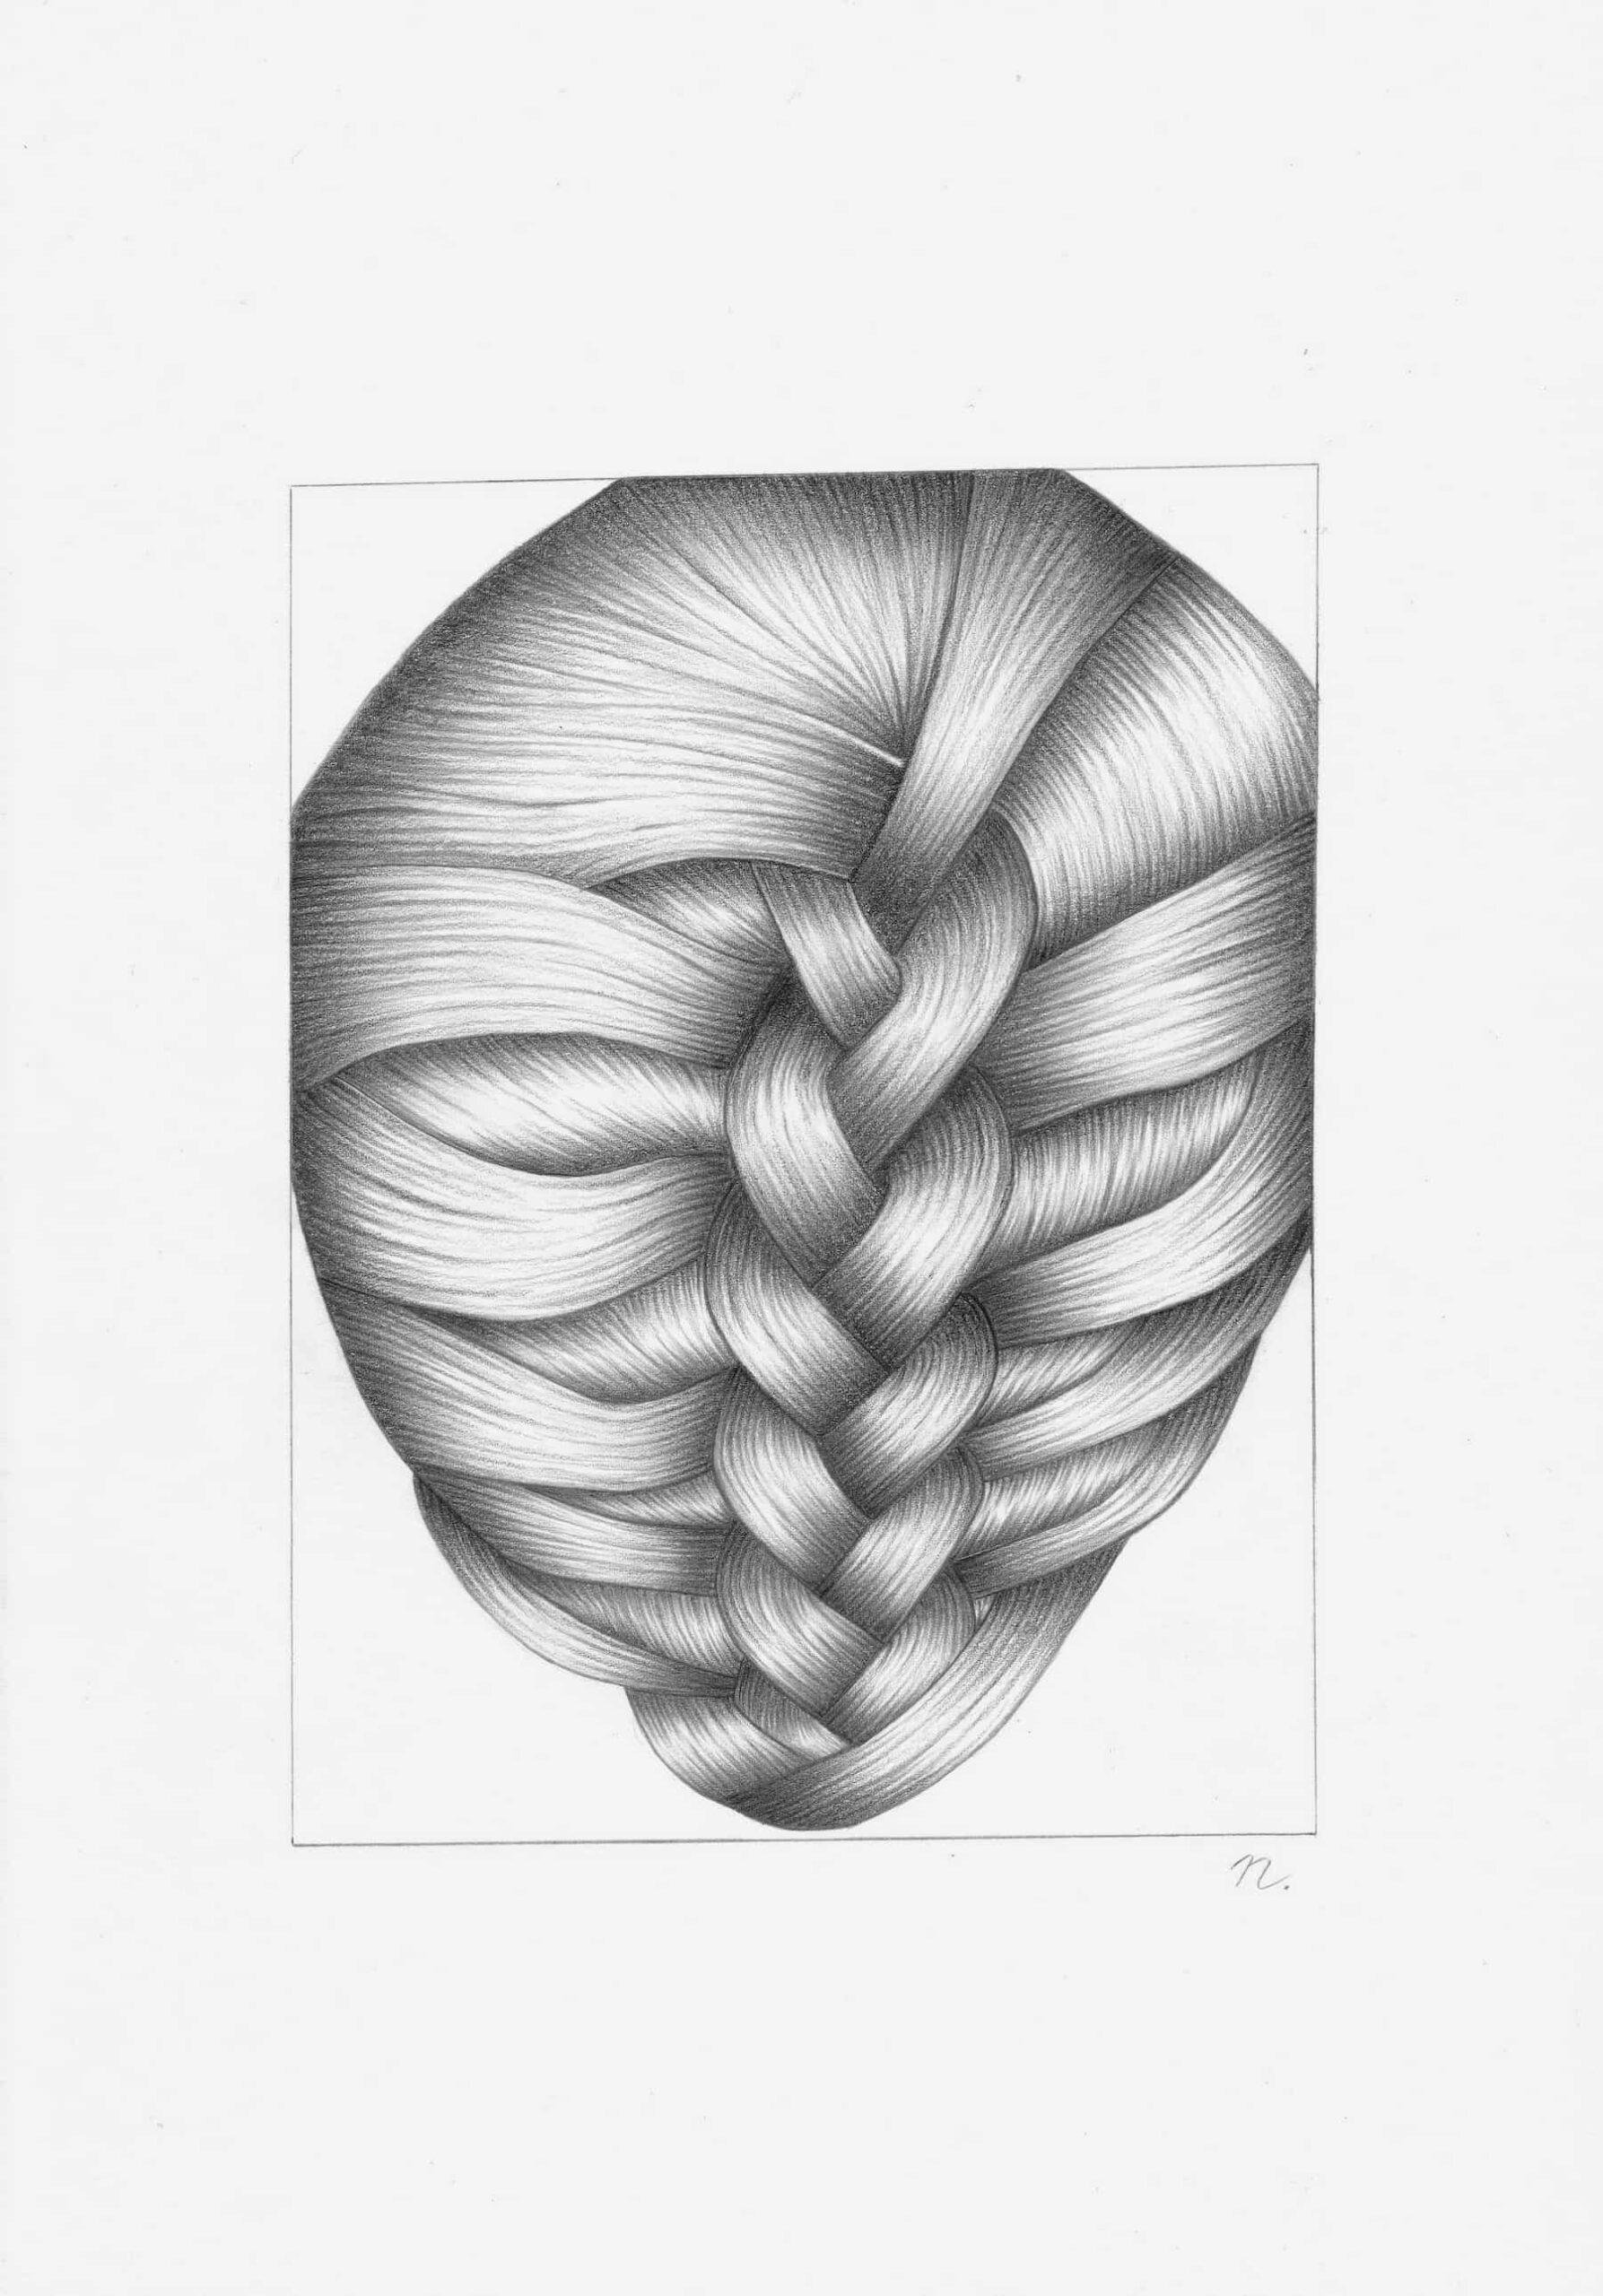 Wer bin ich - 21,0cm x 29,7cm - Bleistift auf Papier by Nadin Wunderlich